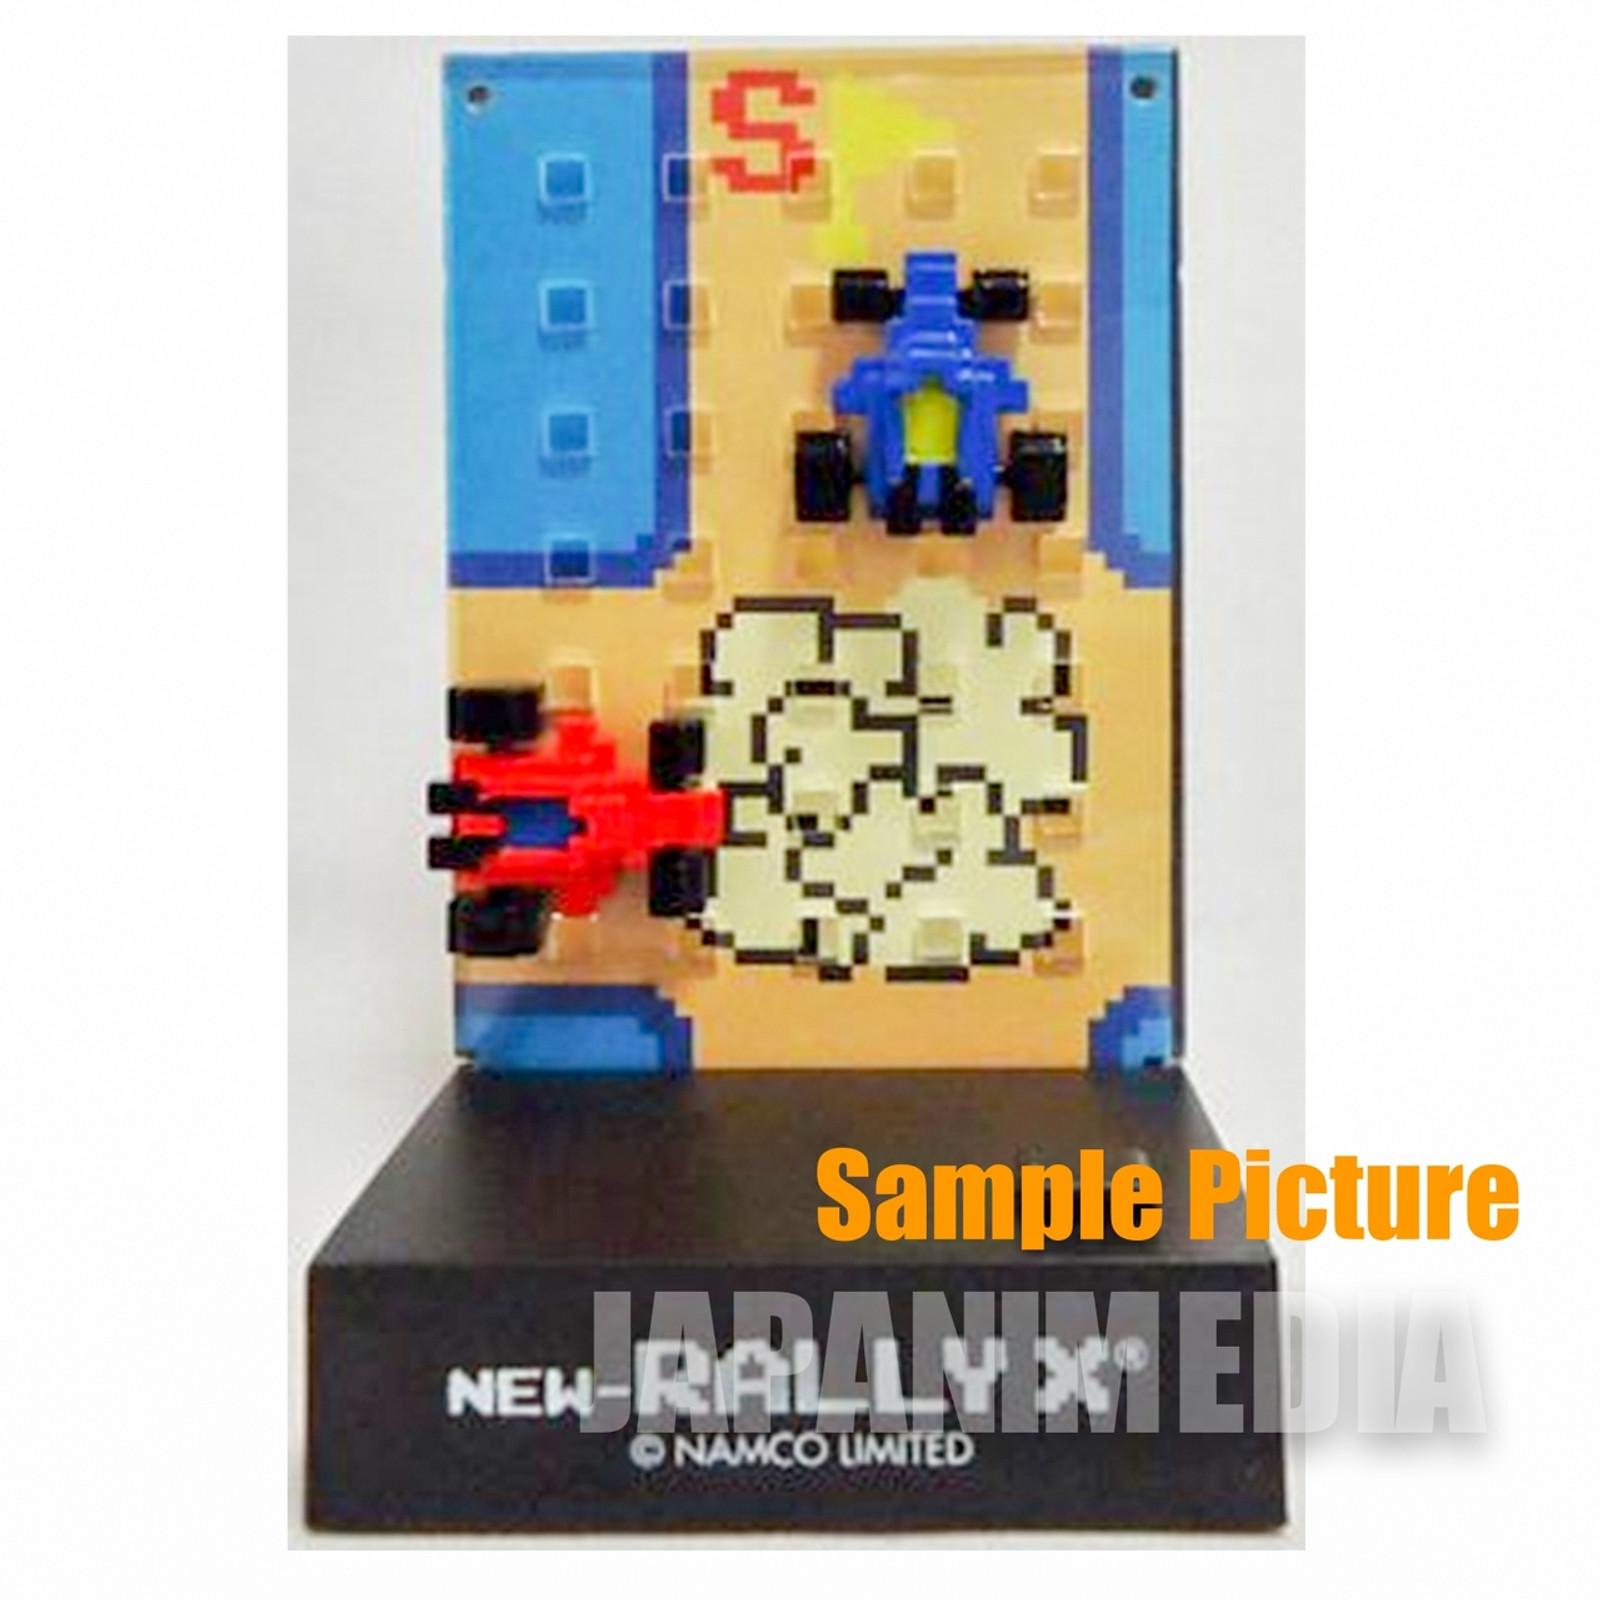 RARE! Namco Dotgraphics Rally X Figure with Game Sound JAPAN FAMICOM